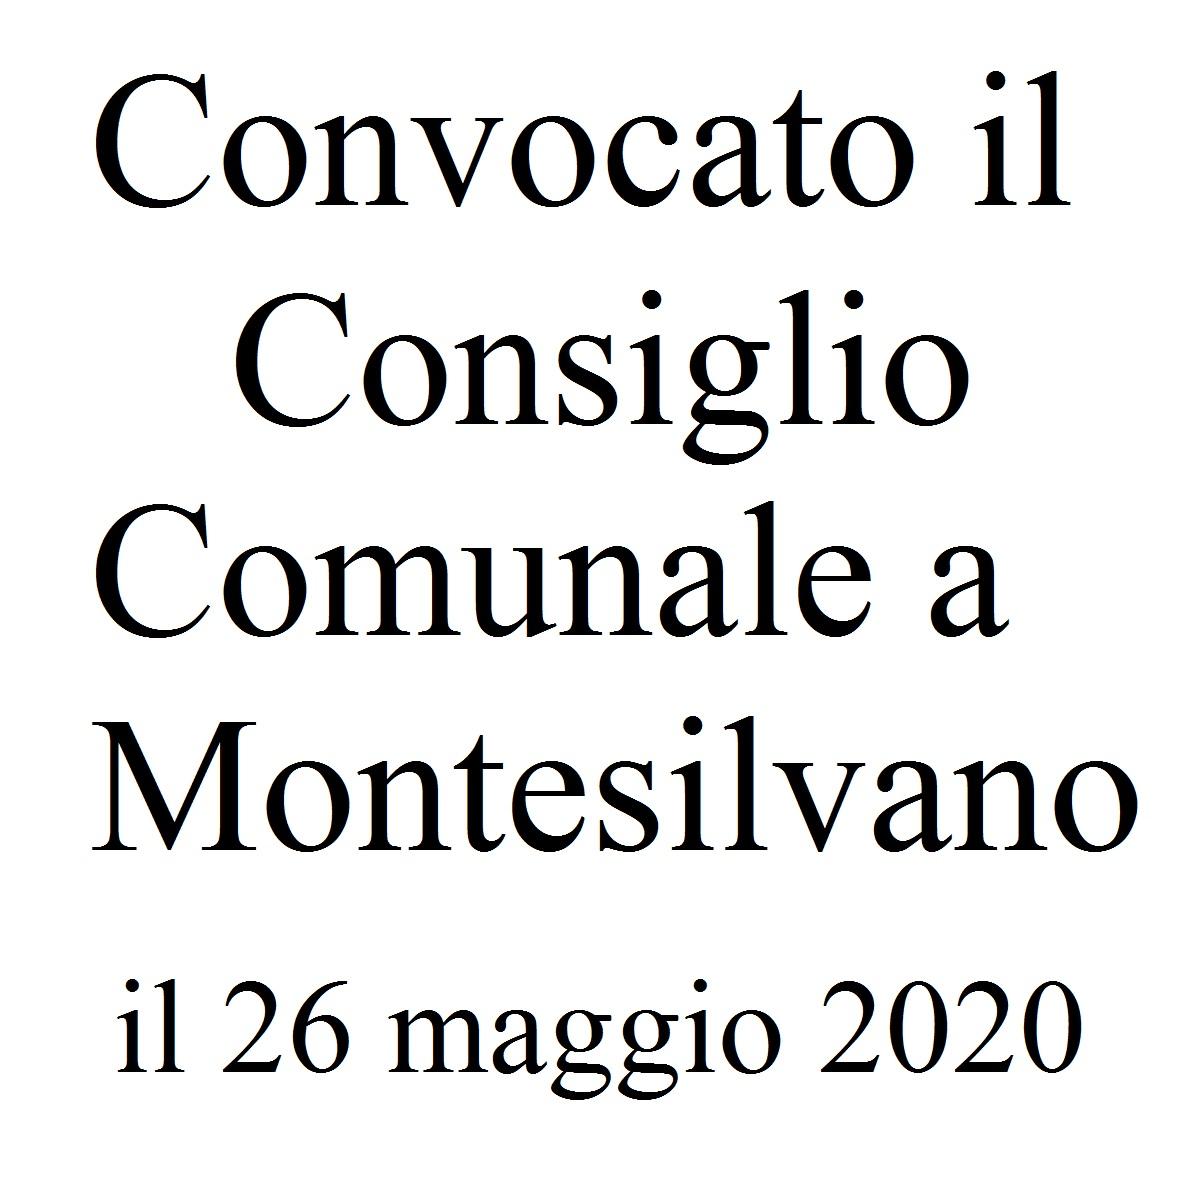 Consiglio Comunale Montesilvano 26 maggio 2020 foto